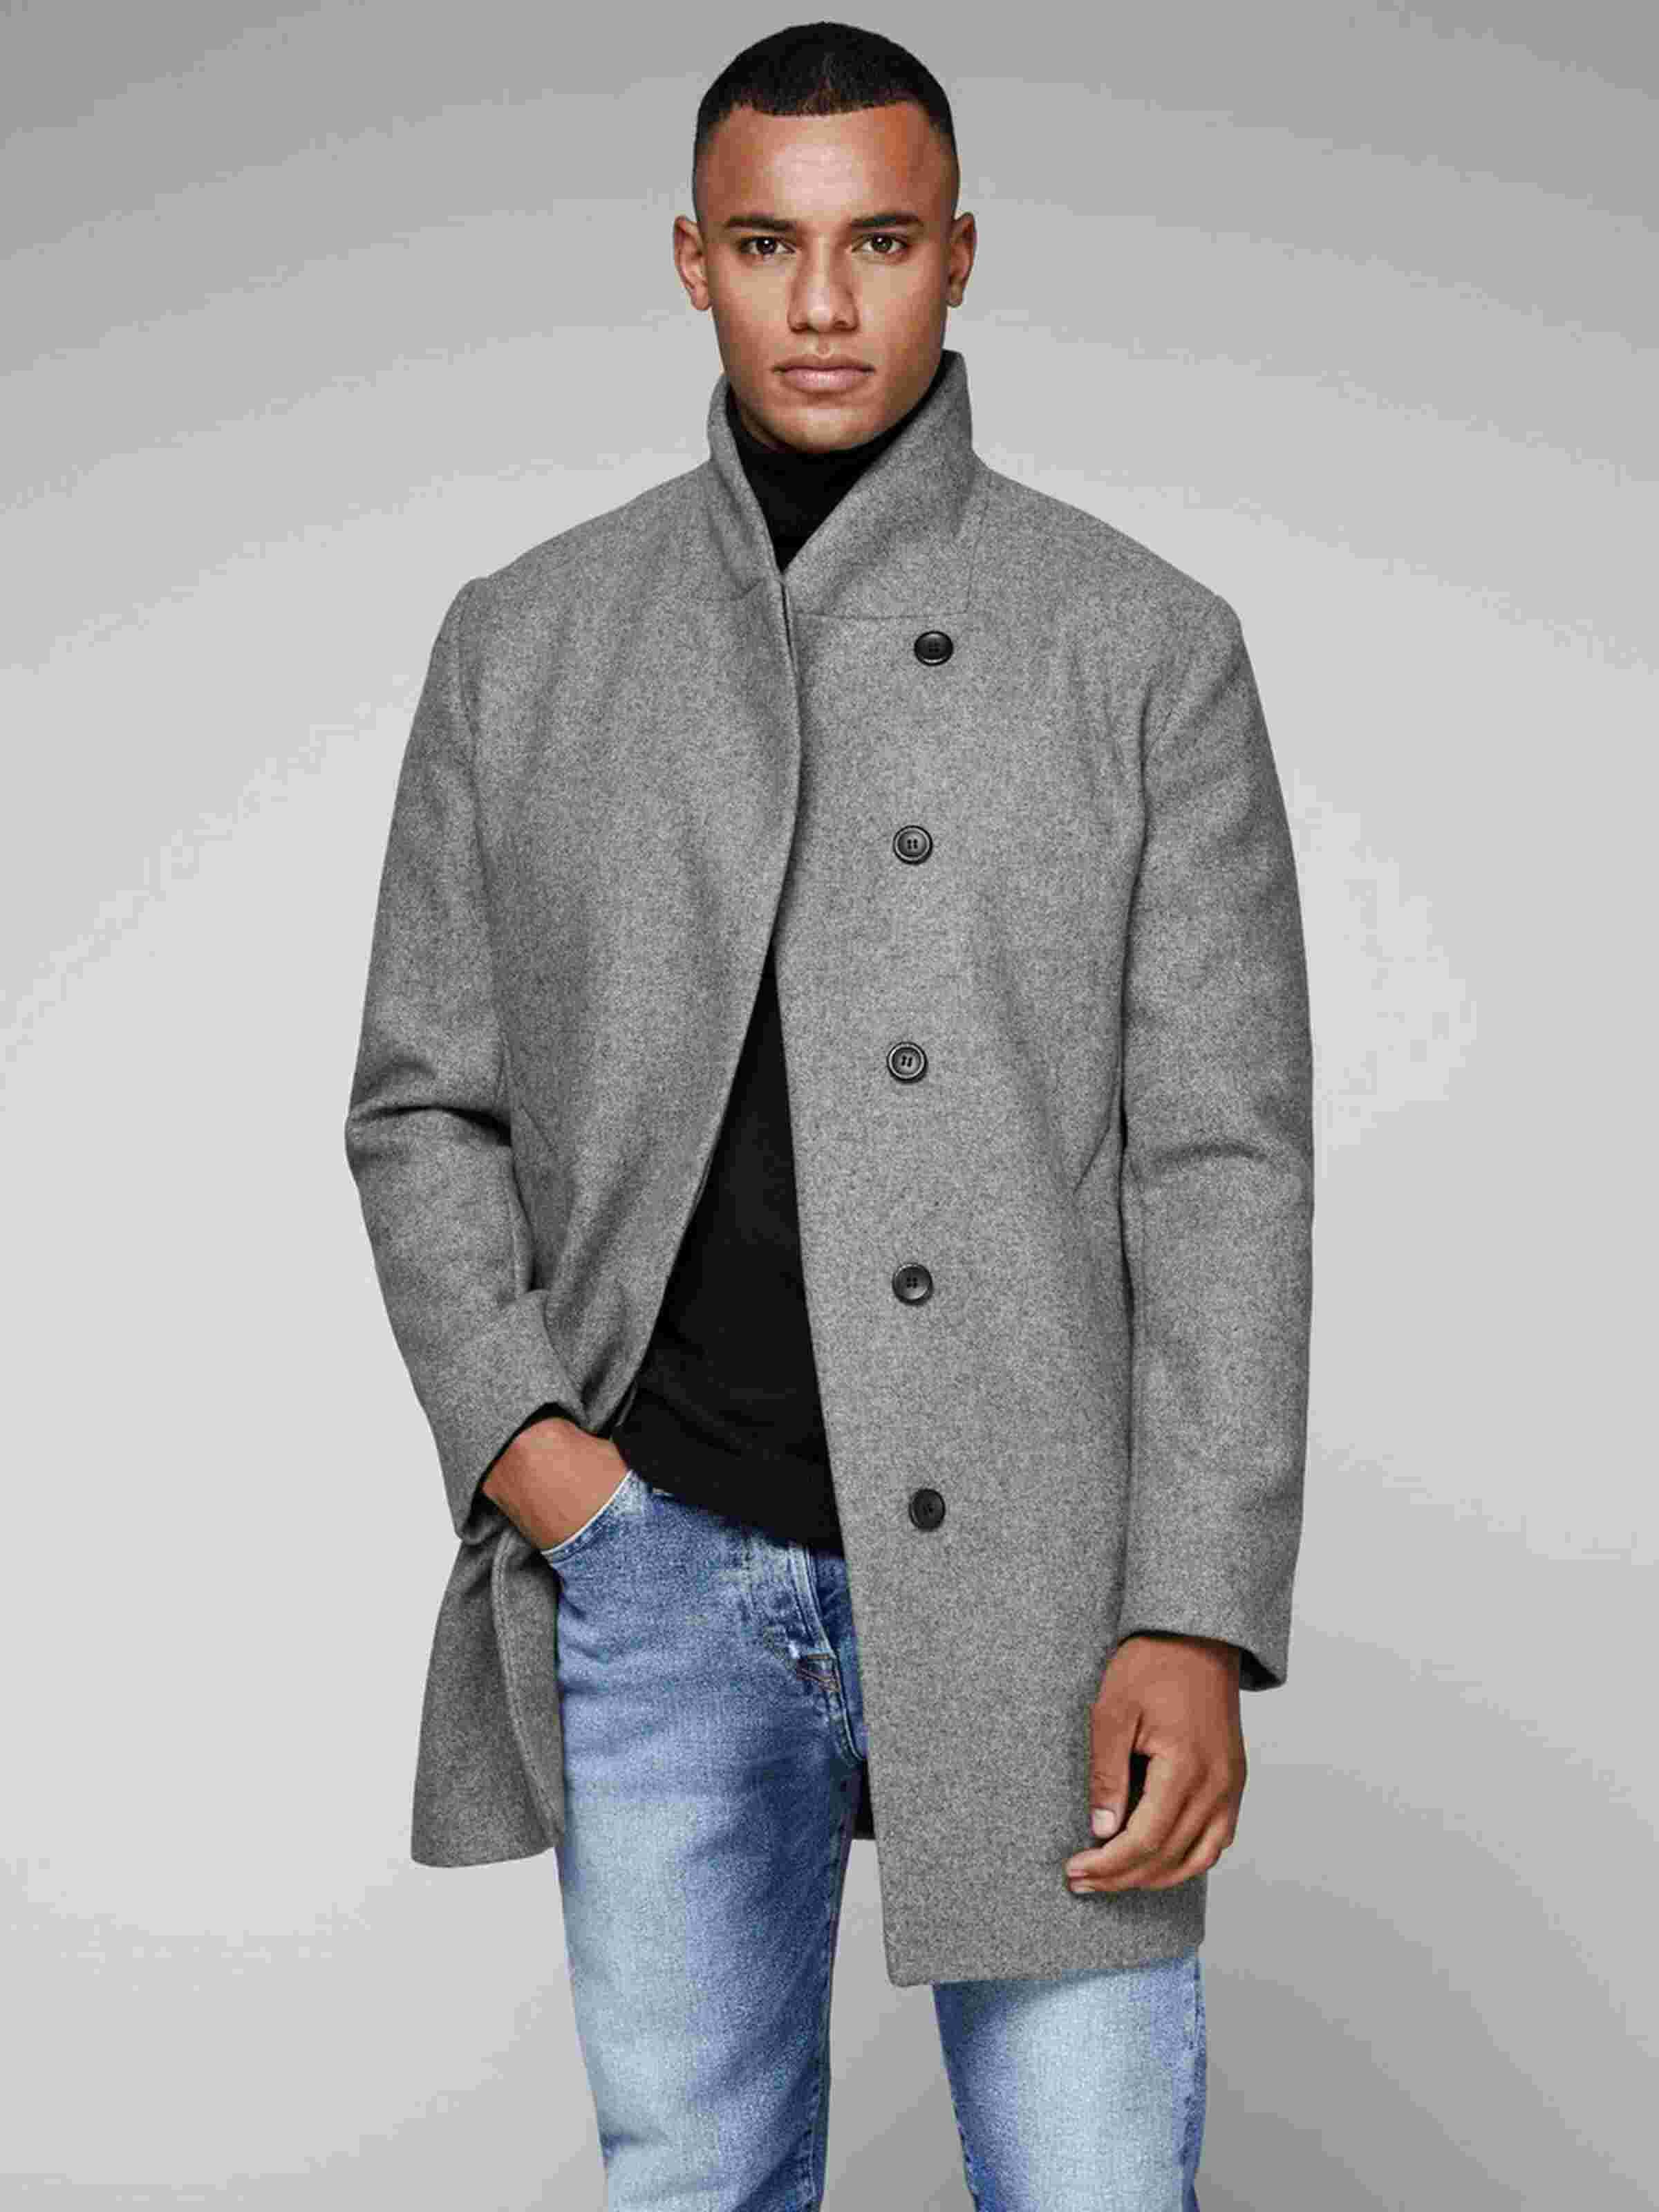 jack and jones coat for sale